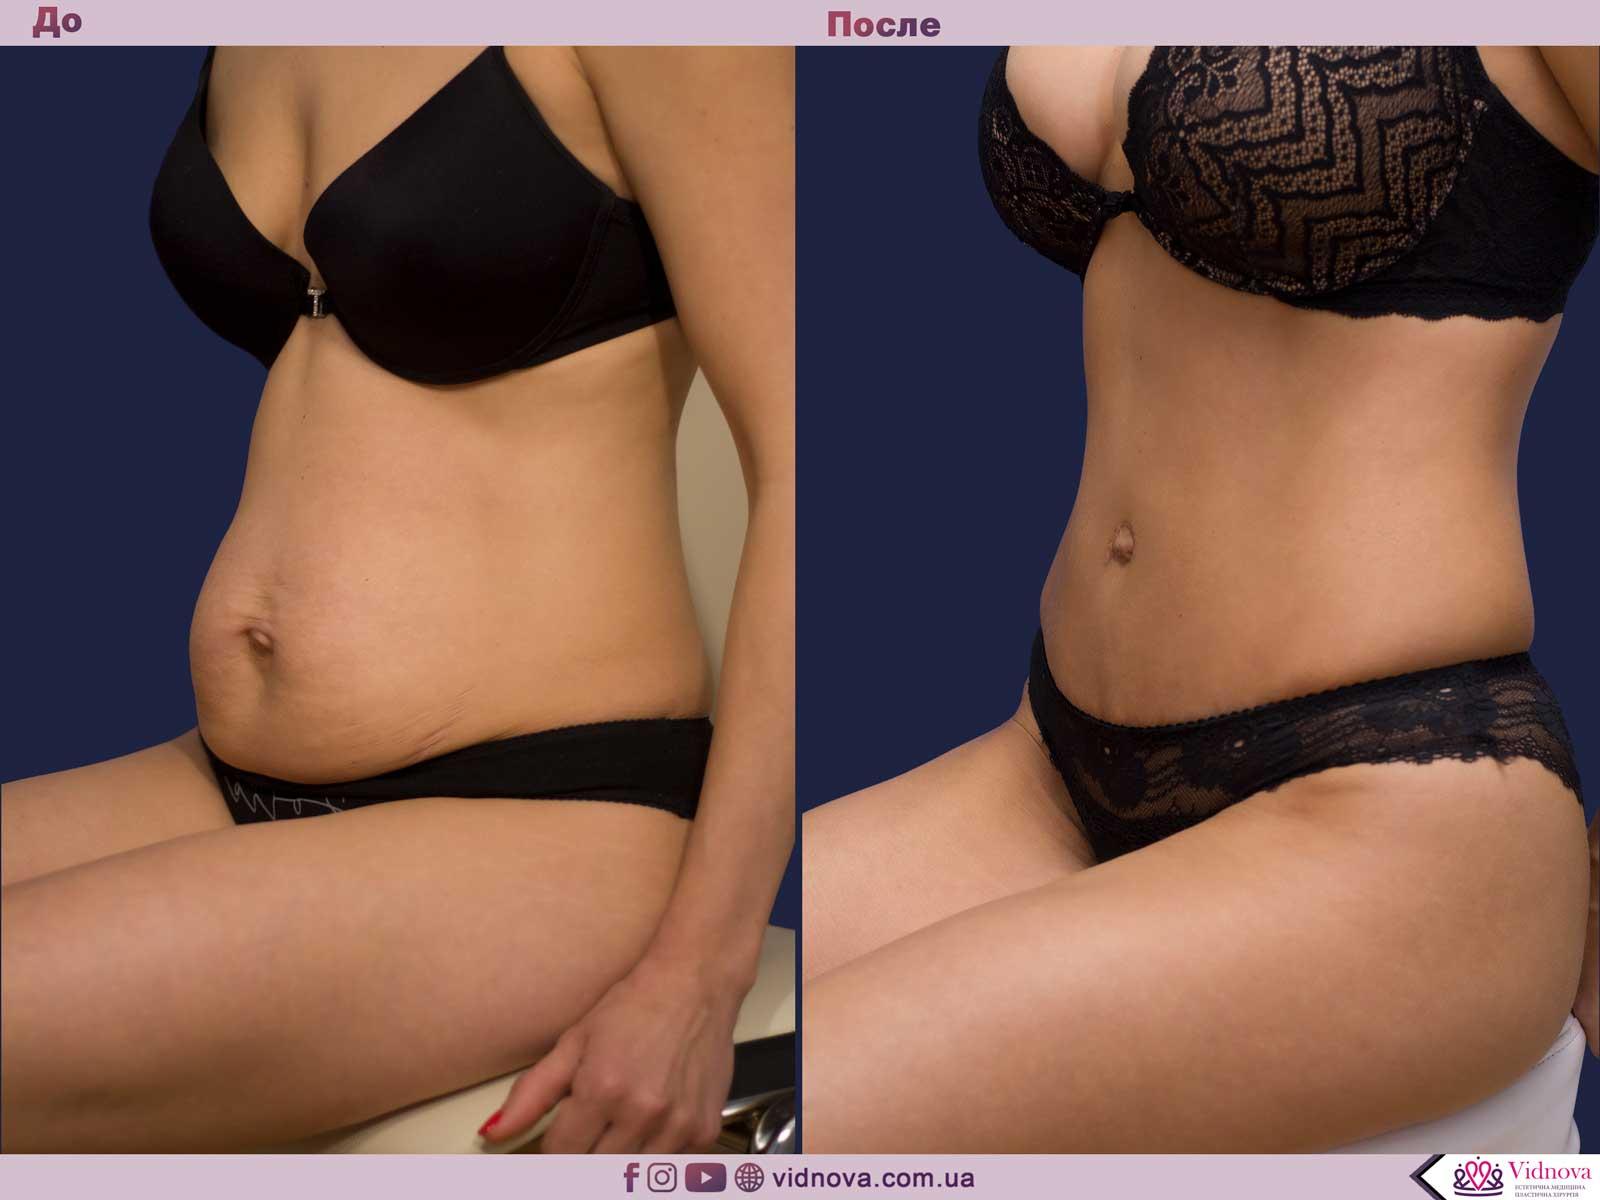 Совмещенные операции: Фото До и После - Пример №10-1 - Клиника Vidnova